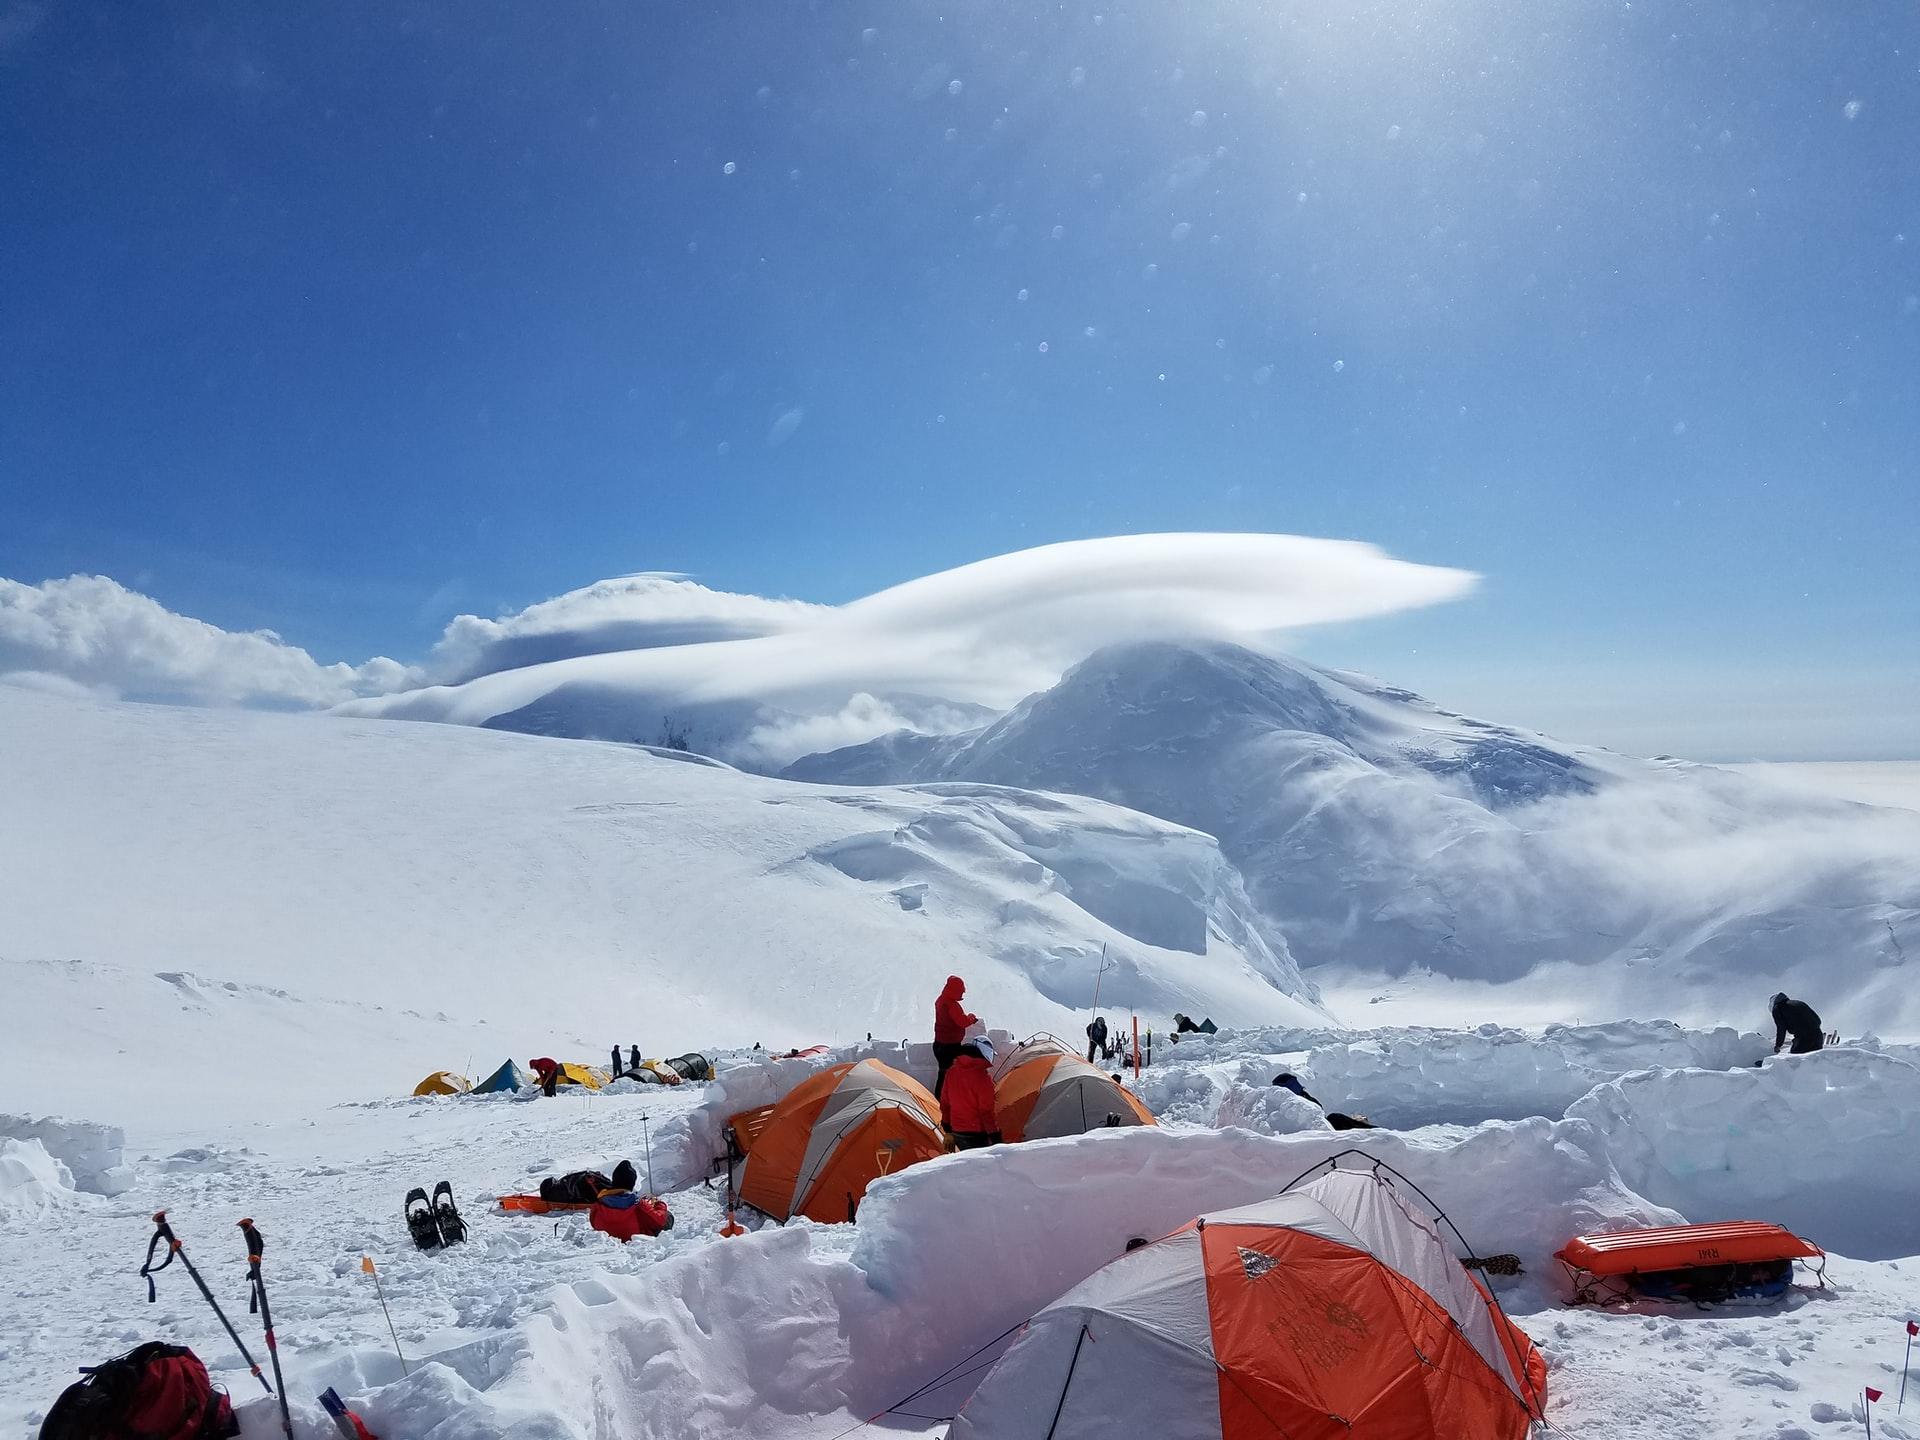 Zelte im Schnee